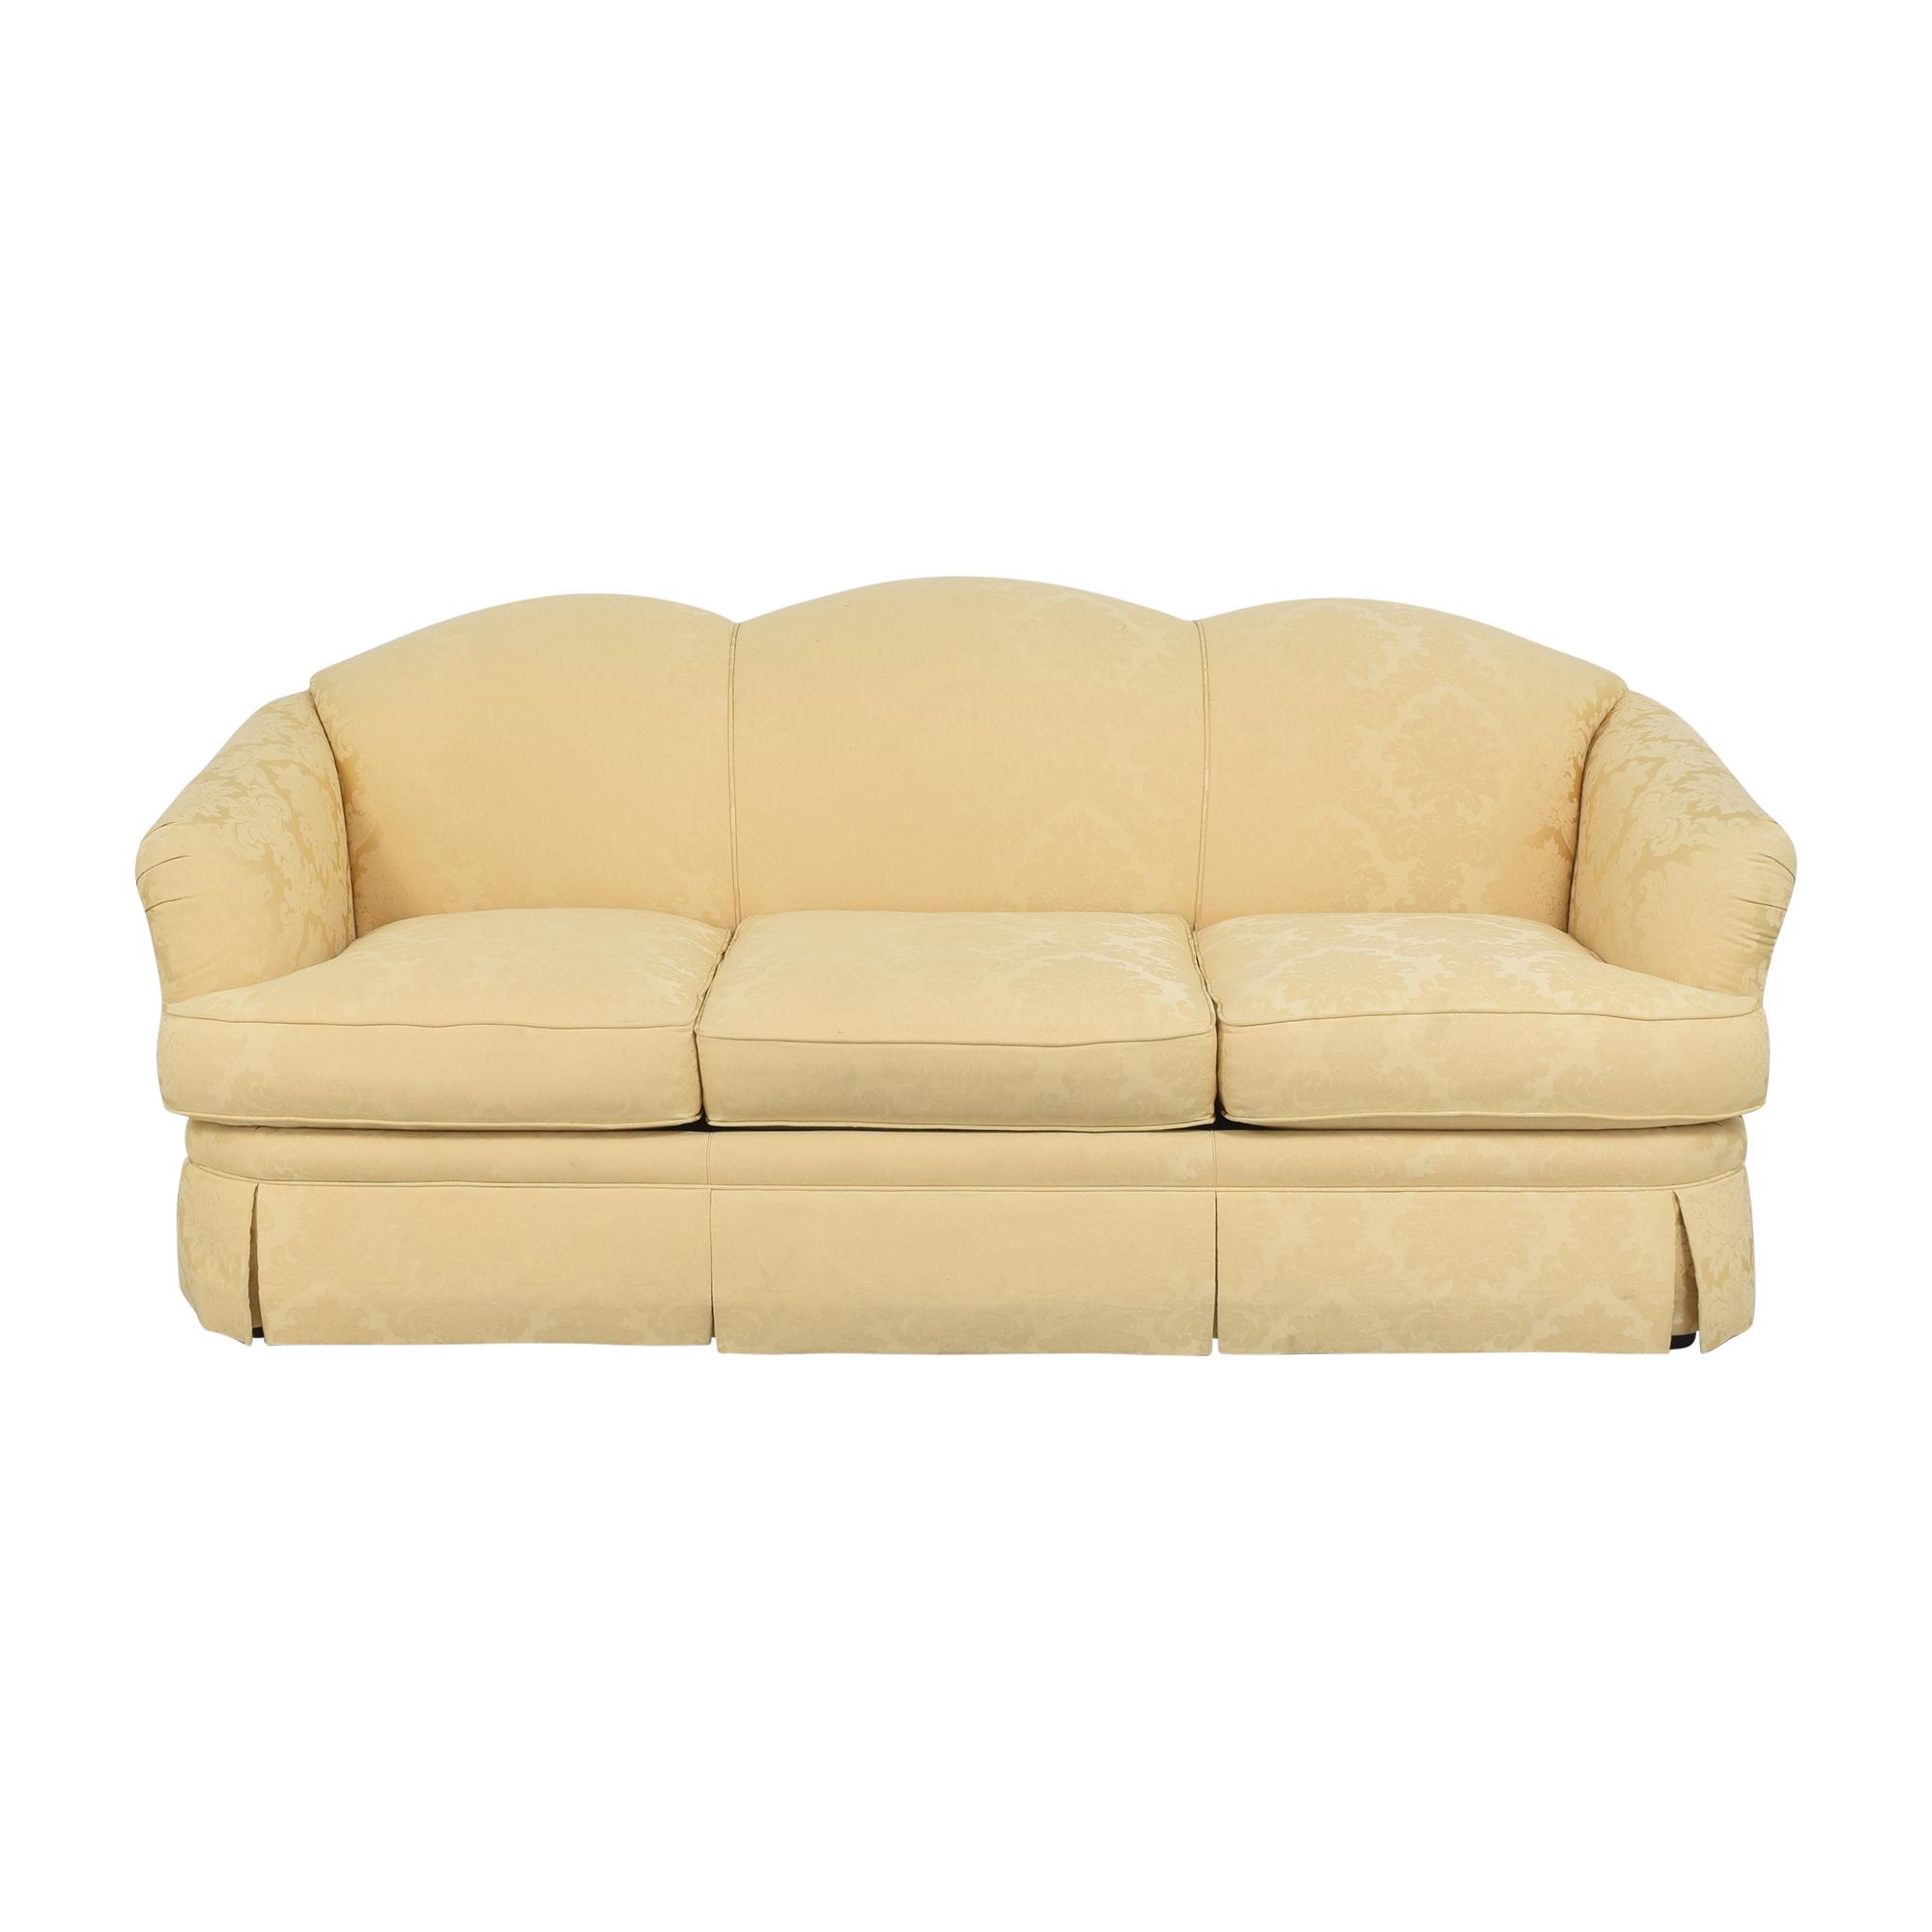 Thomasville Thomasville Scalloped Three Cushion Sofa Sofas